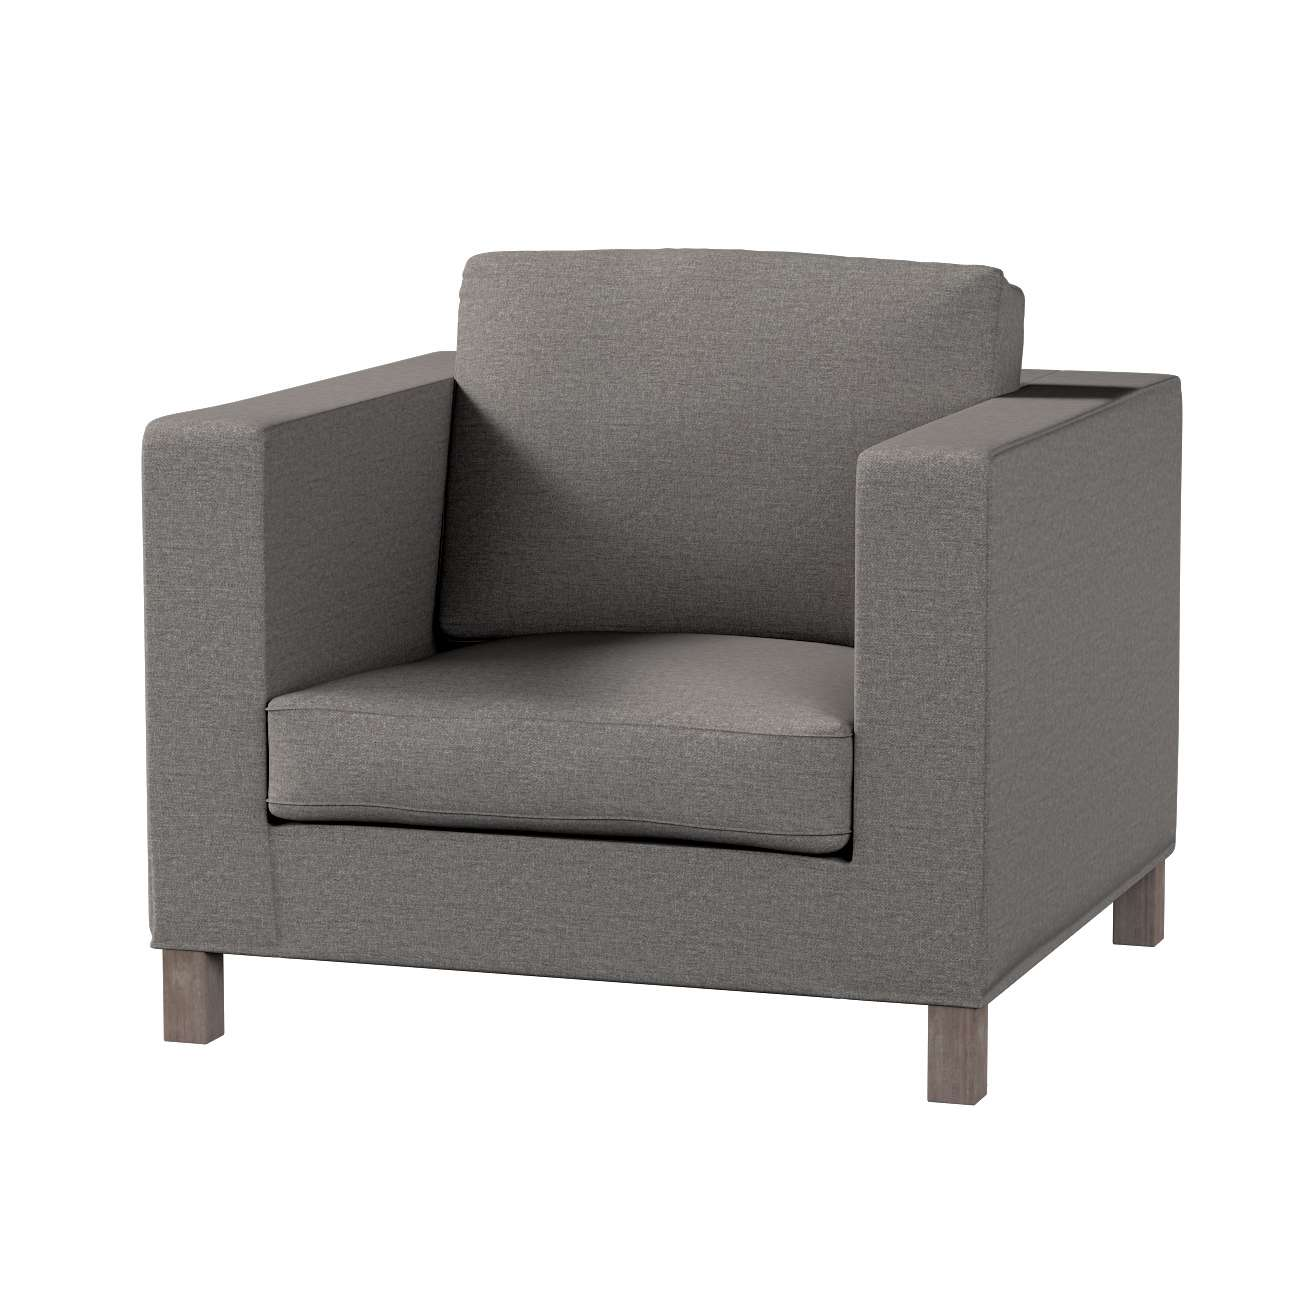 Pokrowiec na fotel Karlanda, krótki fotel Karlanda w kolekcji Edinburgh, tkanina: 115-77